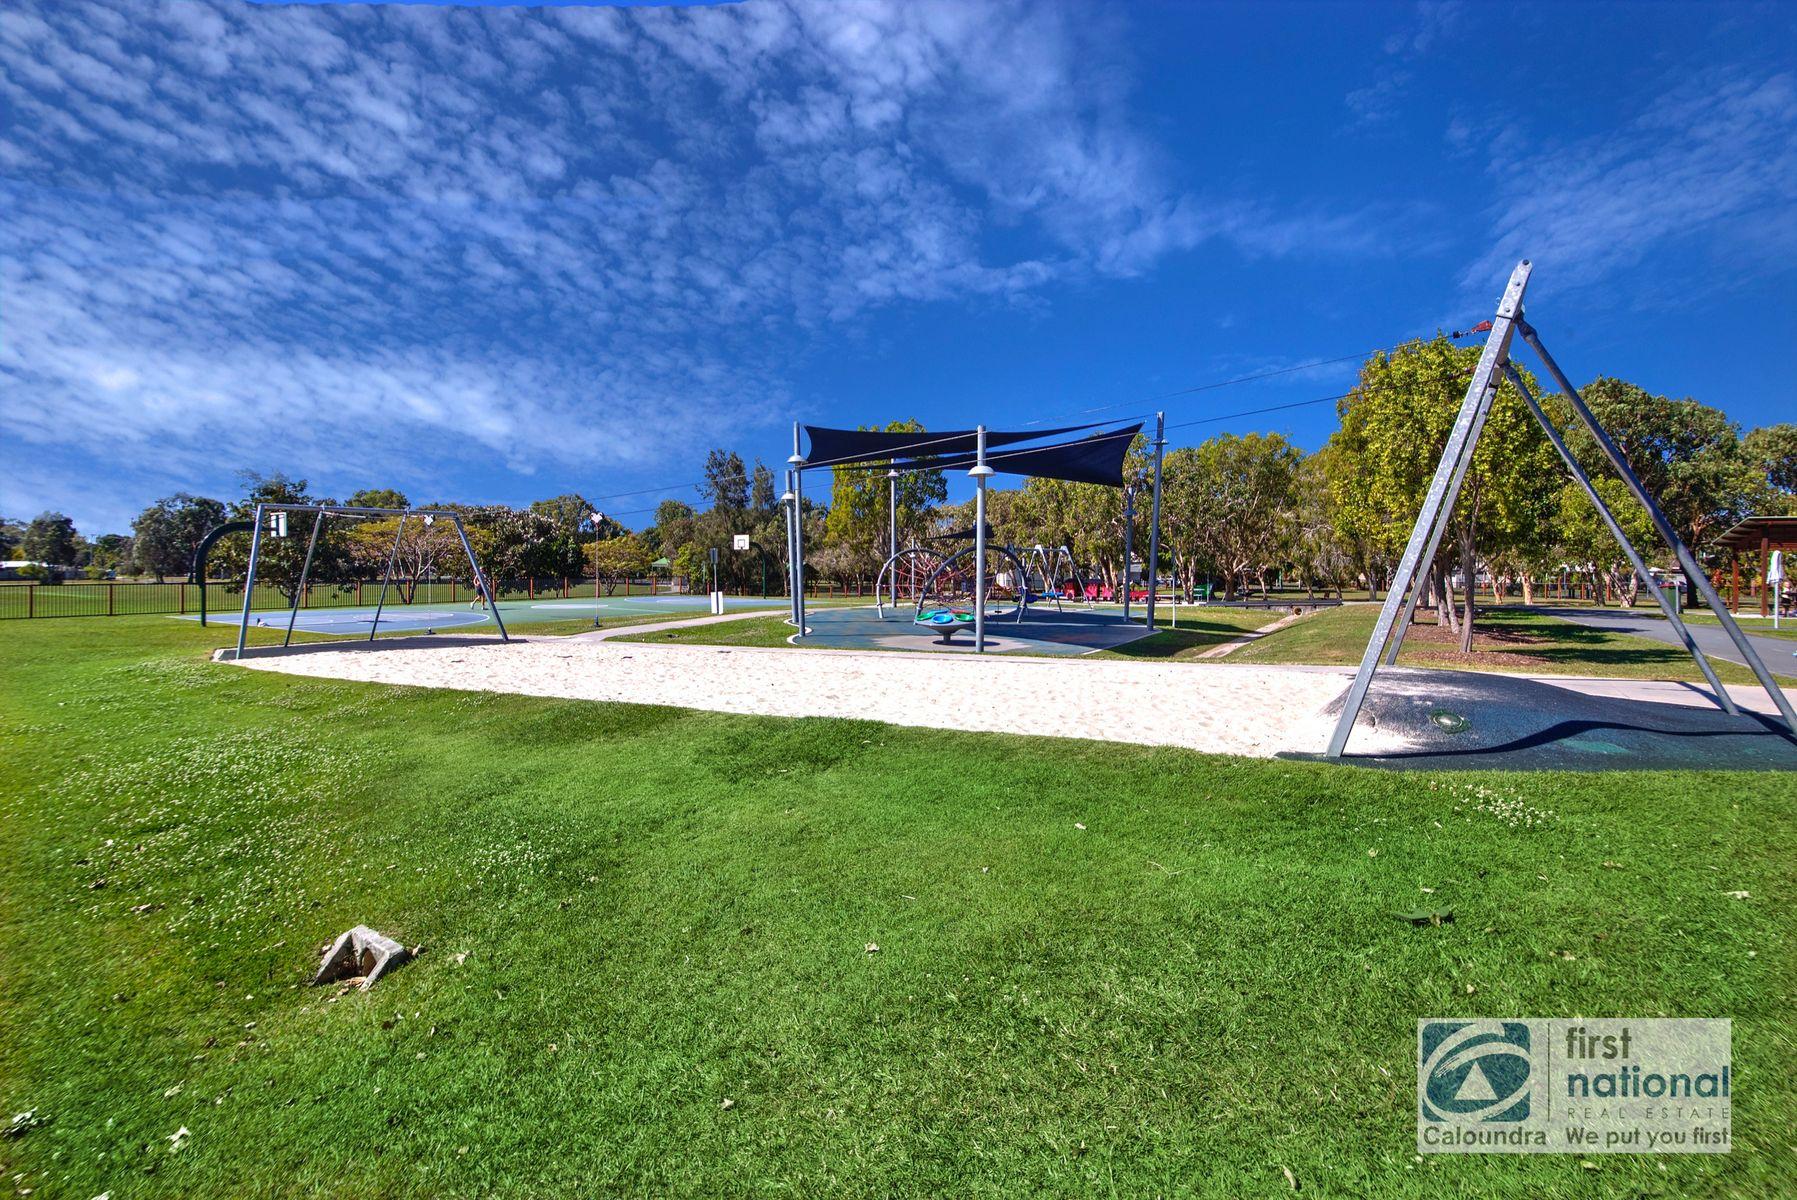 2/7 Bunya Place, Currimundi, QLD 4551